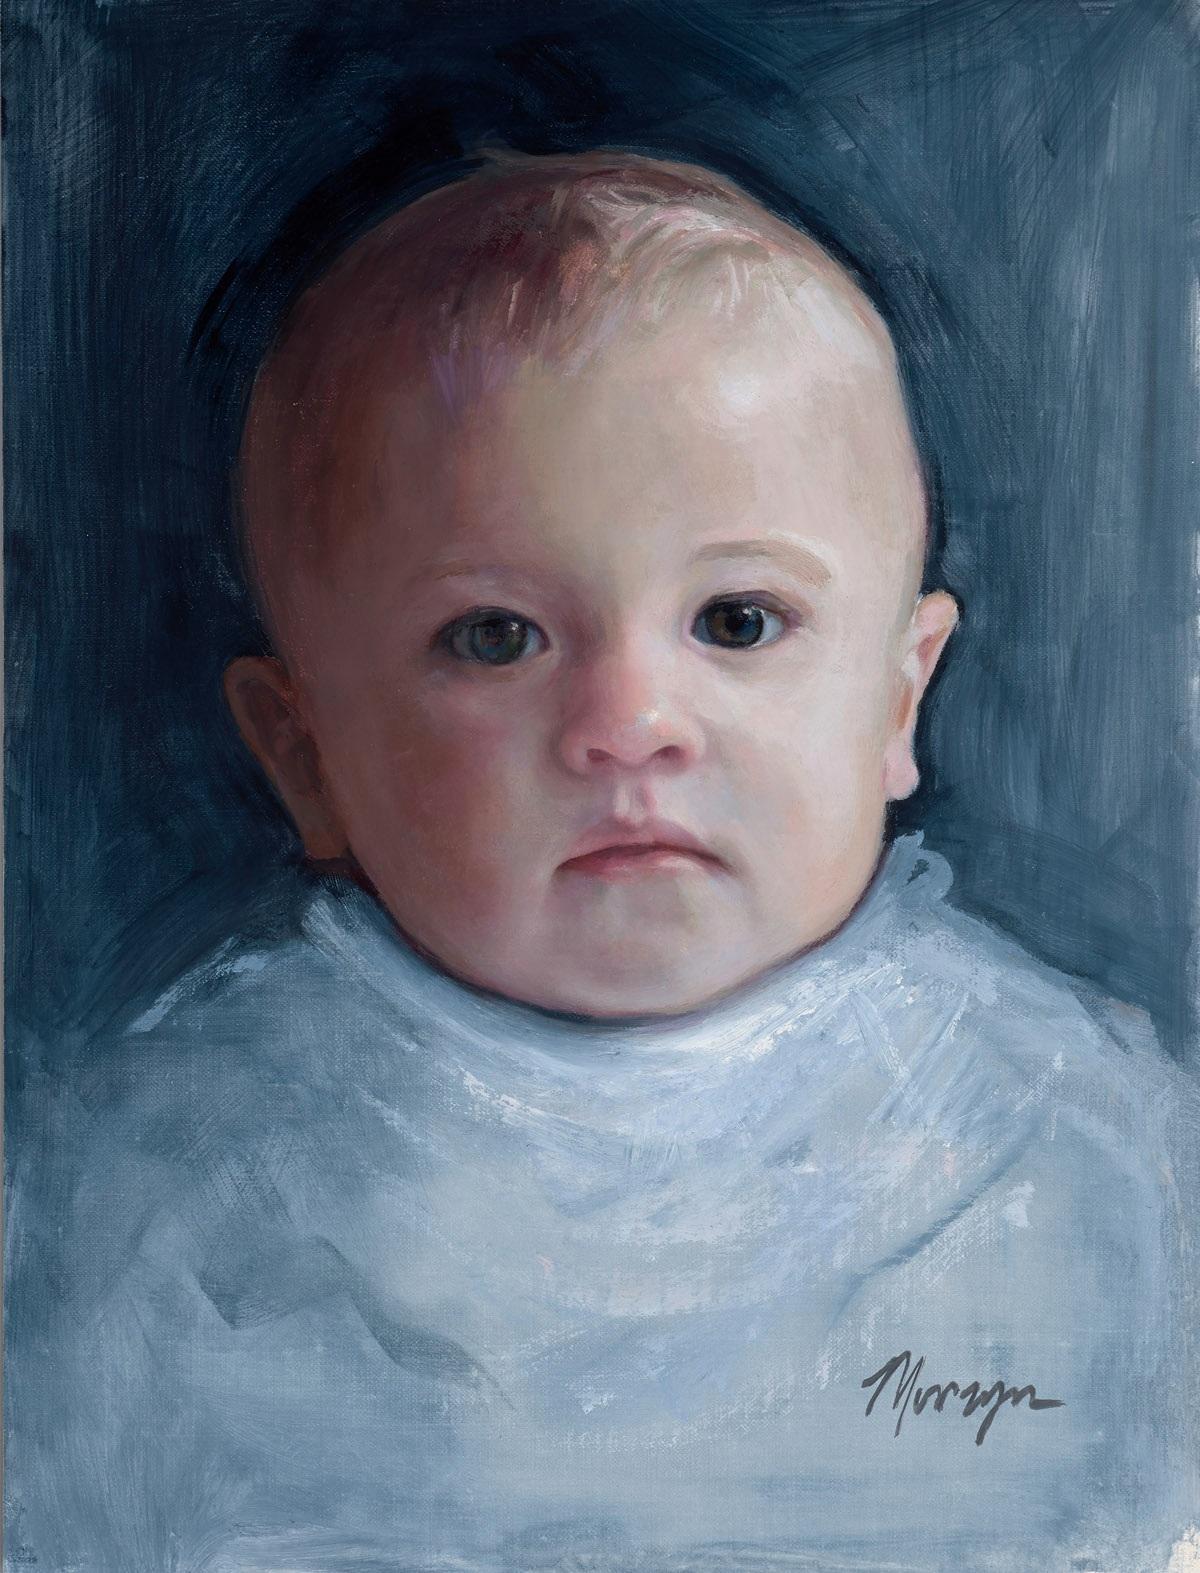 Nine month old child